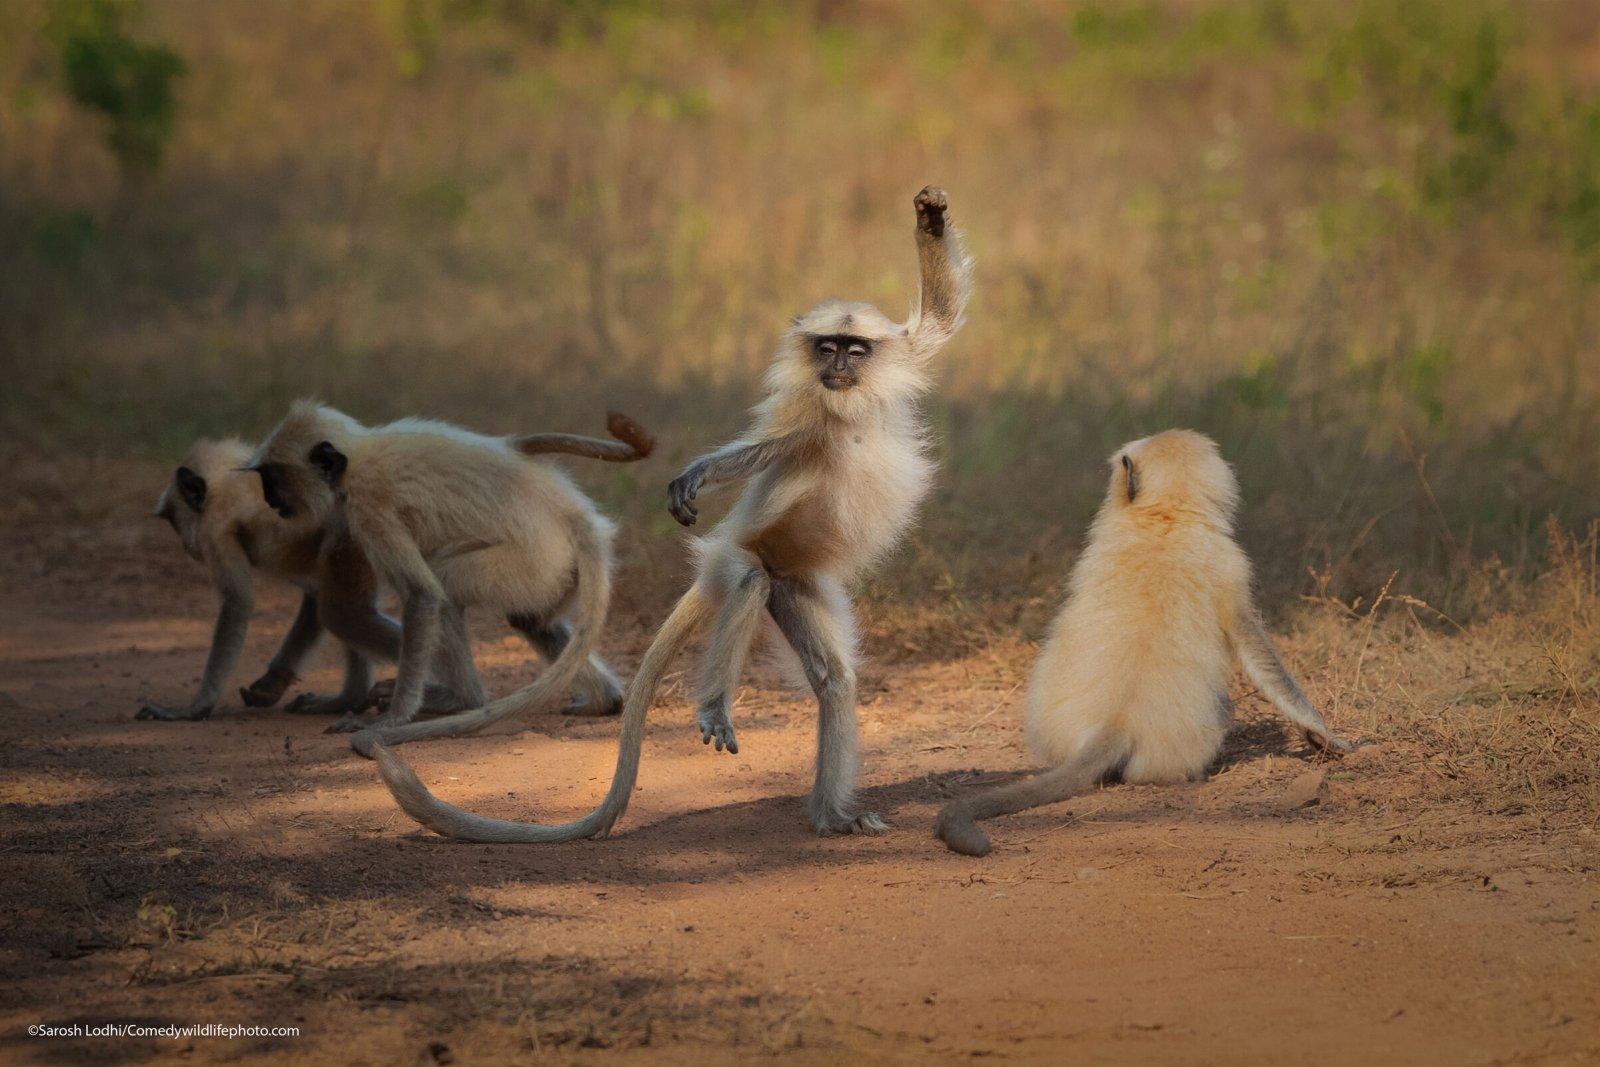 A monkey strikes a pose.